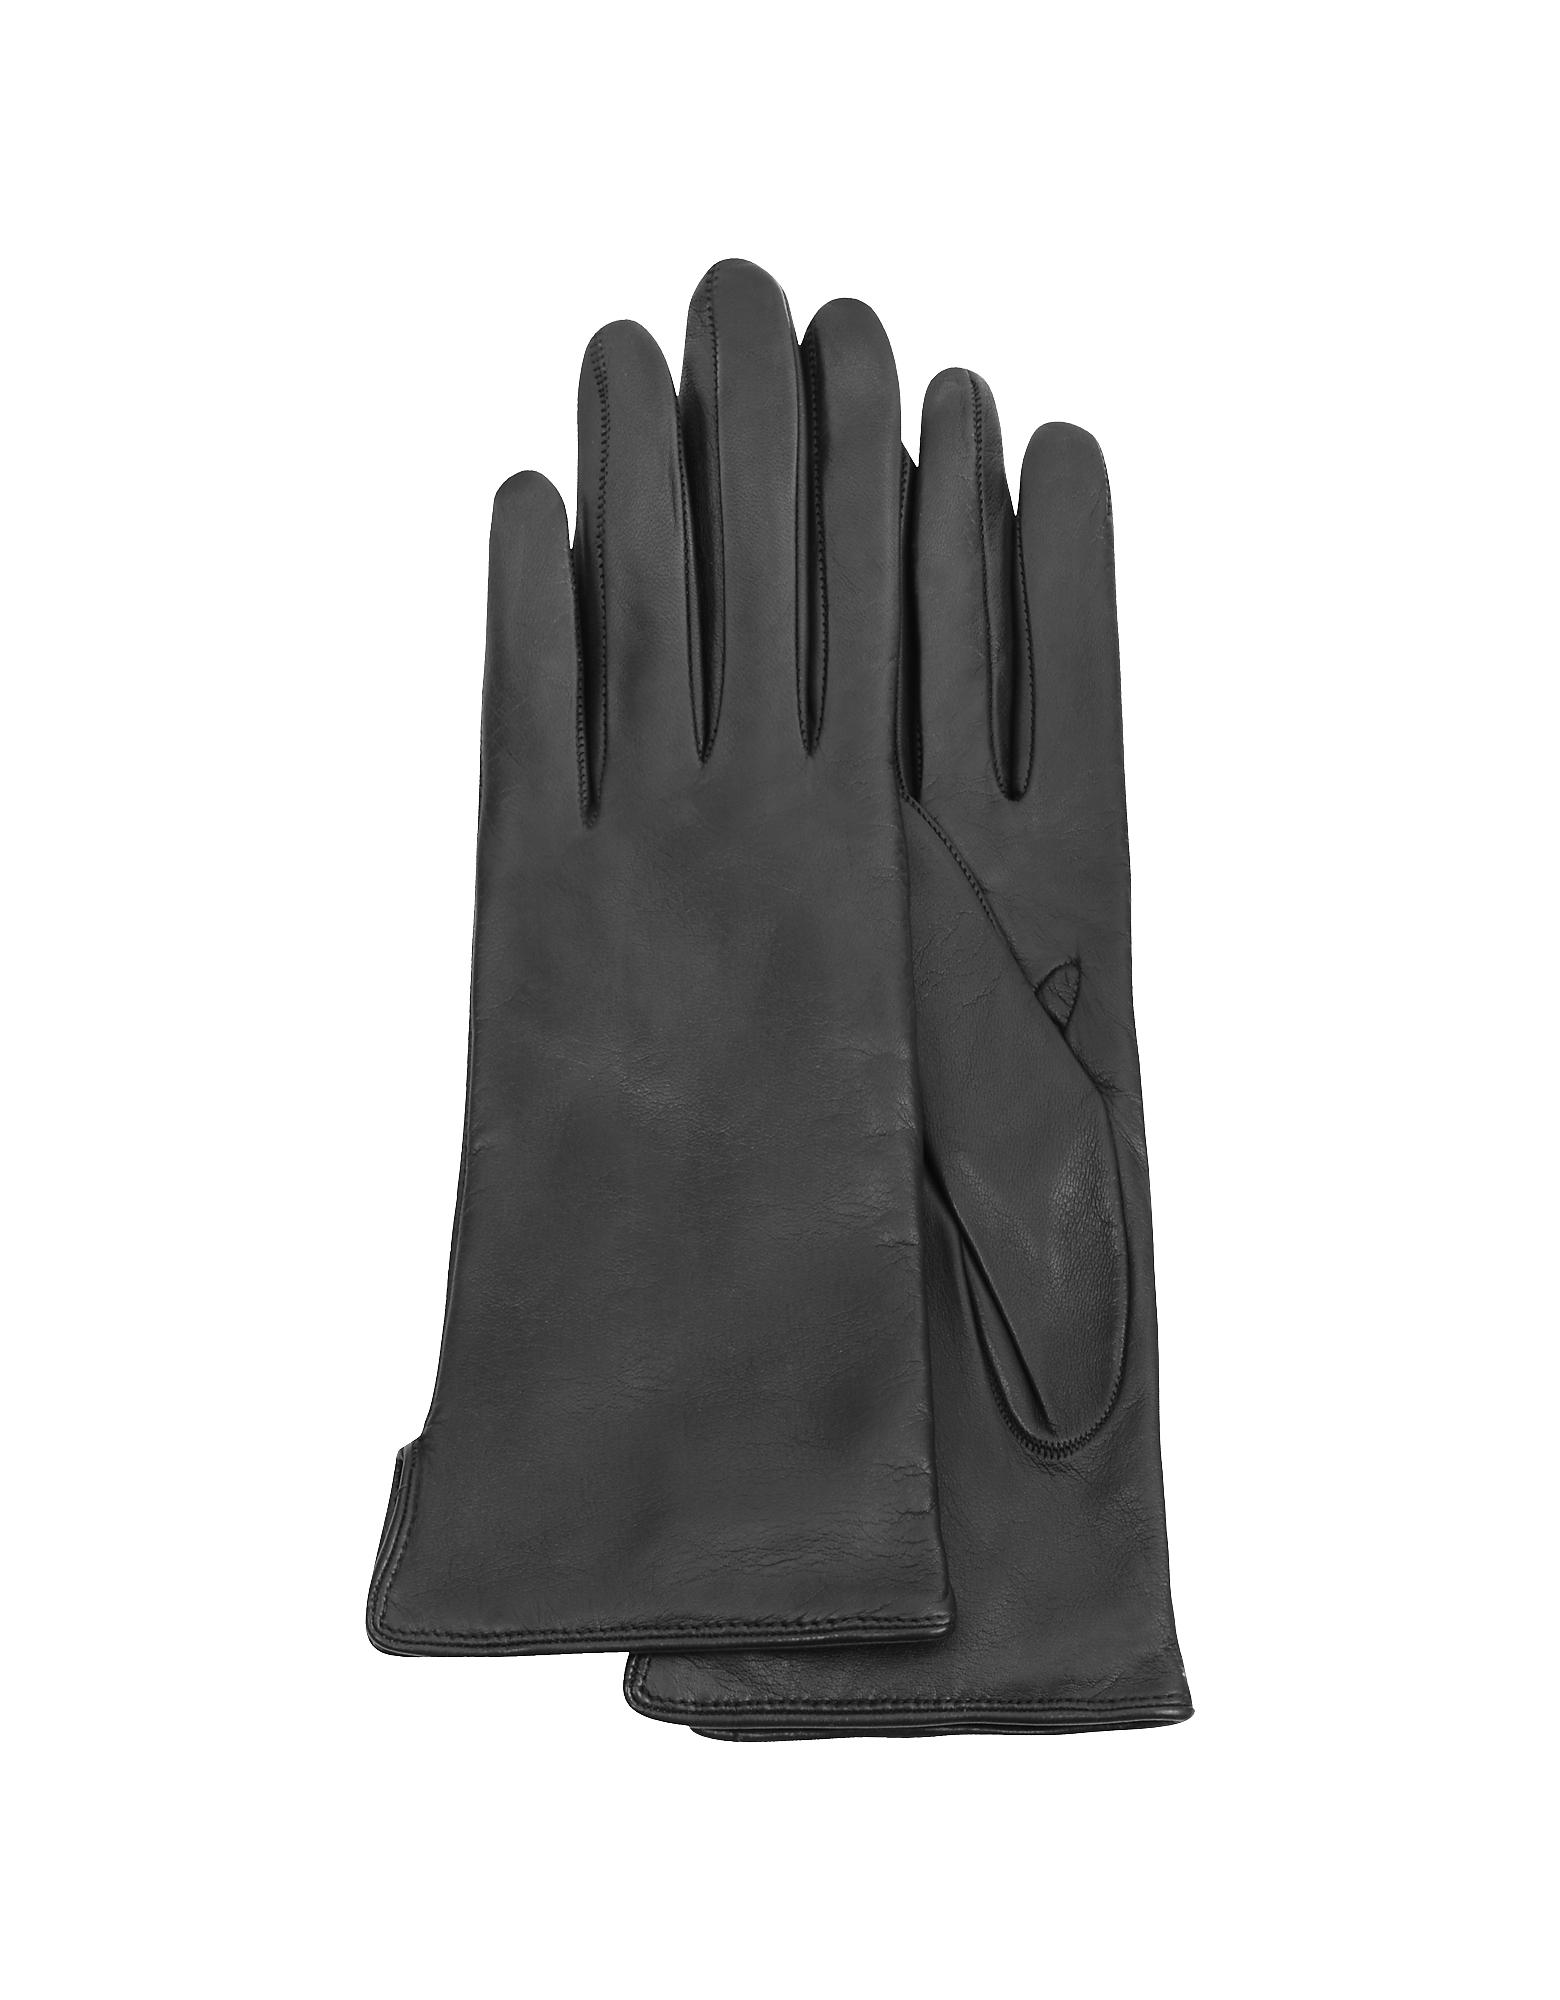 Forzieri 福喜利 女士手套, 黑色羊绒女士皮手套